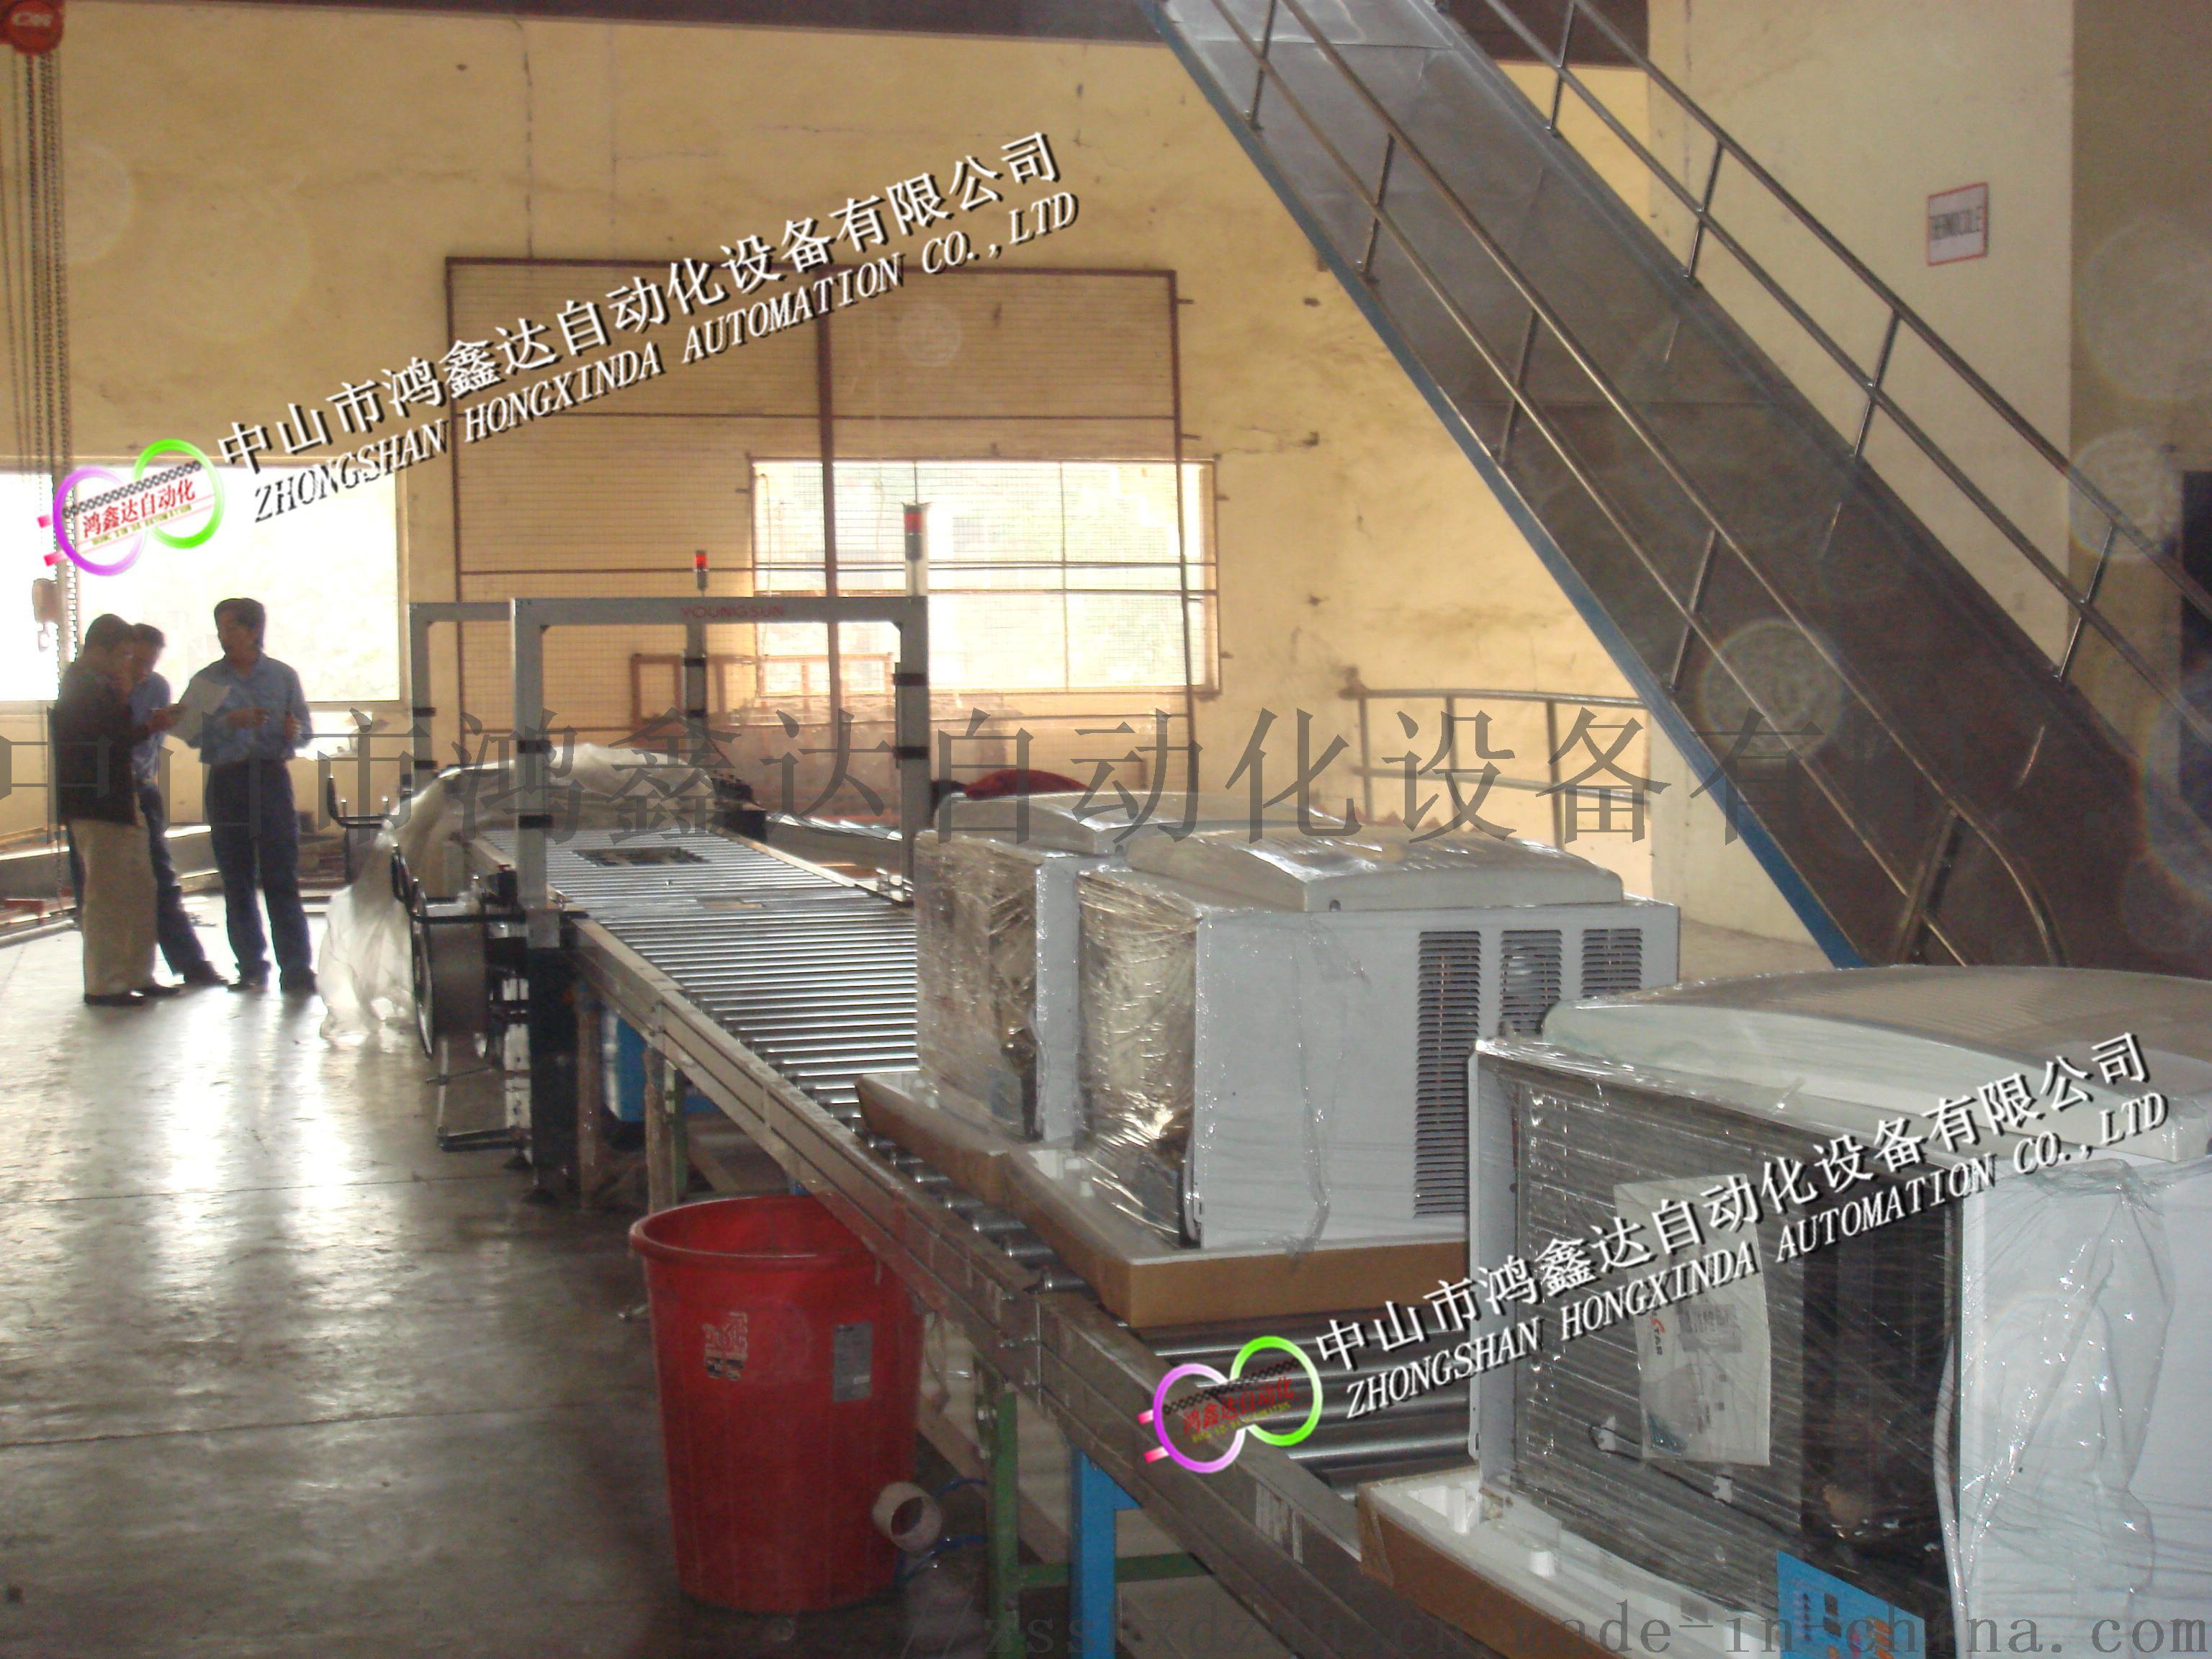 广东空调装配线,空调生产线,江西空调抽真空流水线106461425